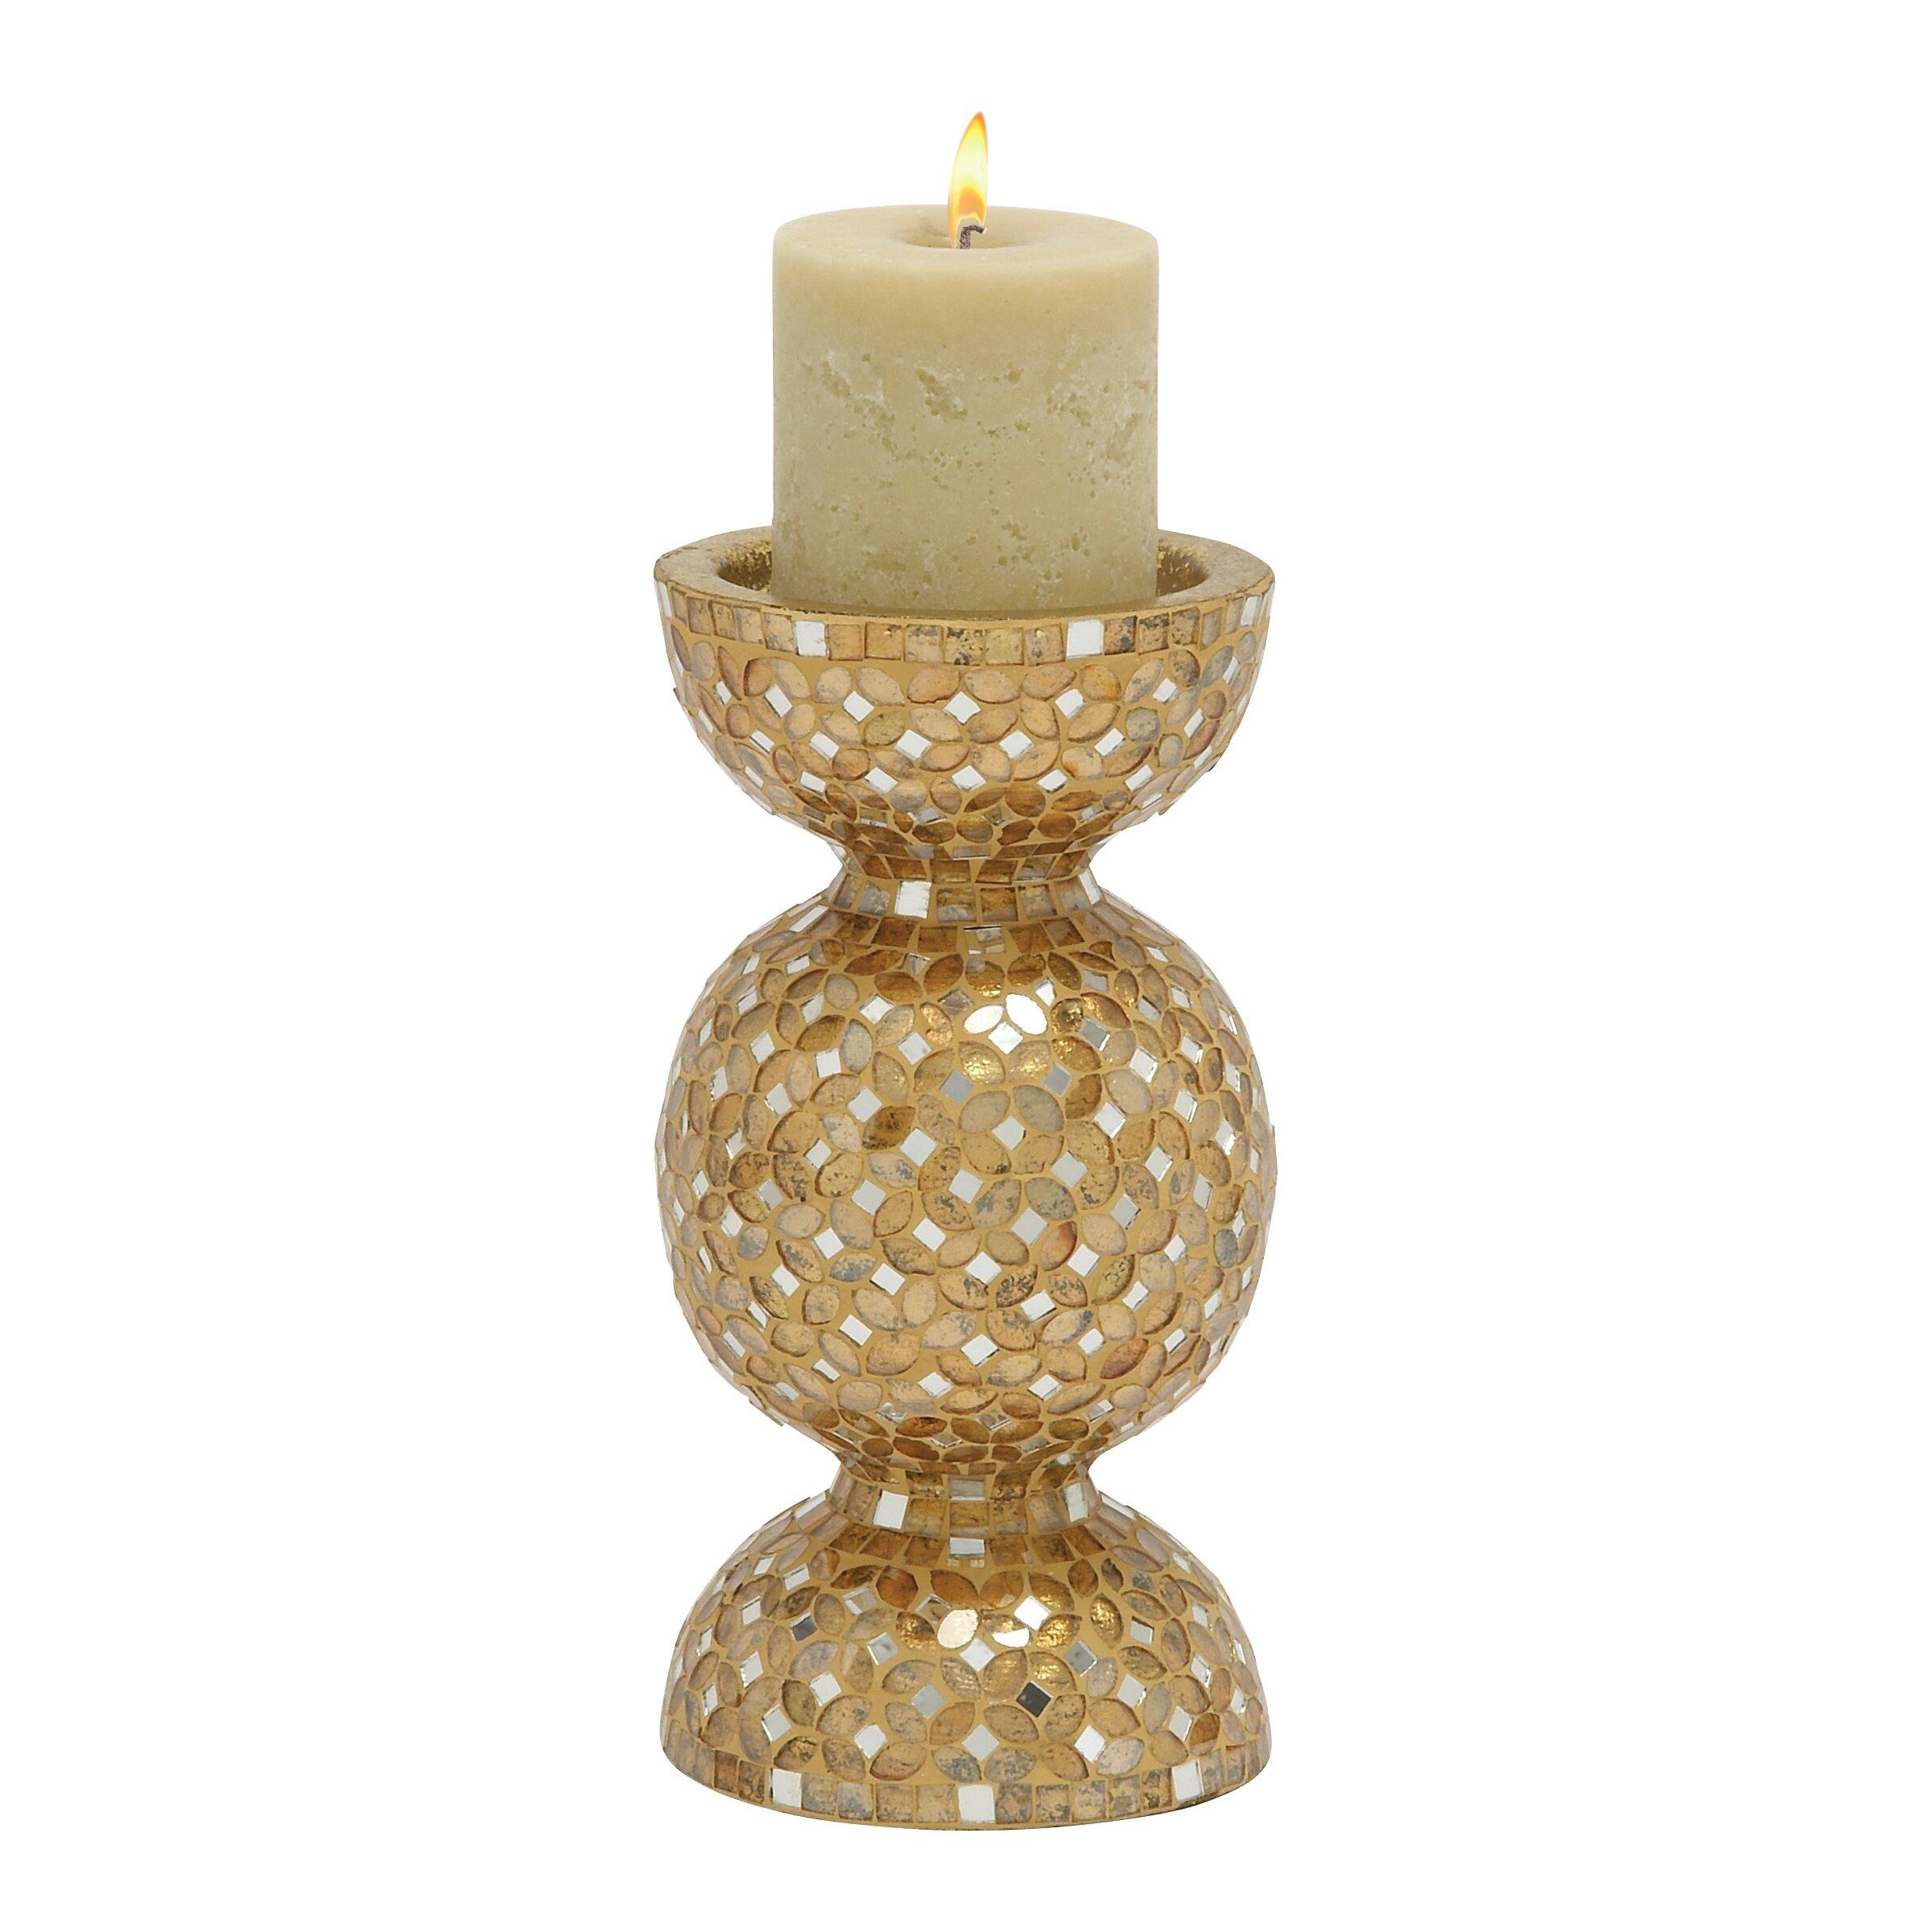 Woodland Imports Metal Mosaic Candlestick amp Reviews Wayfair